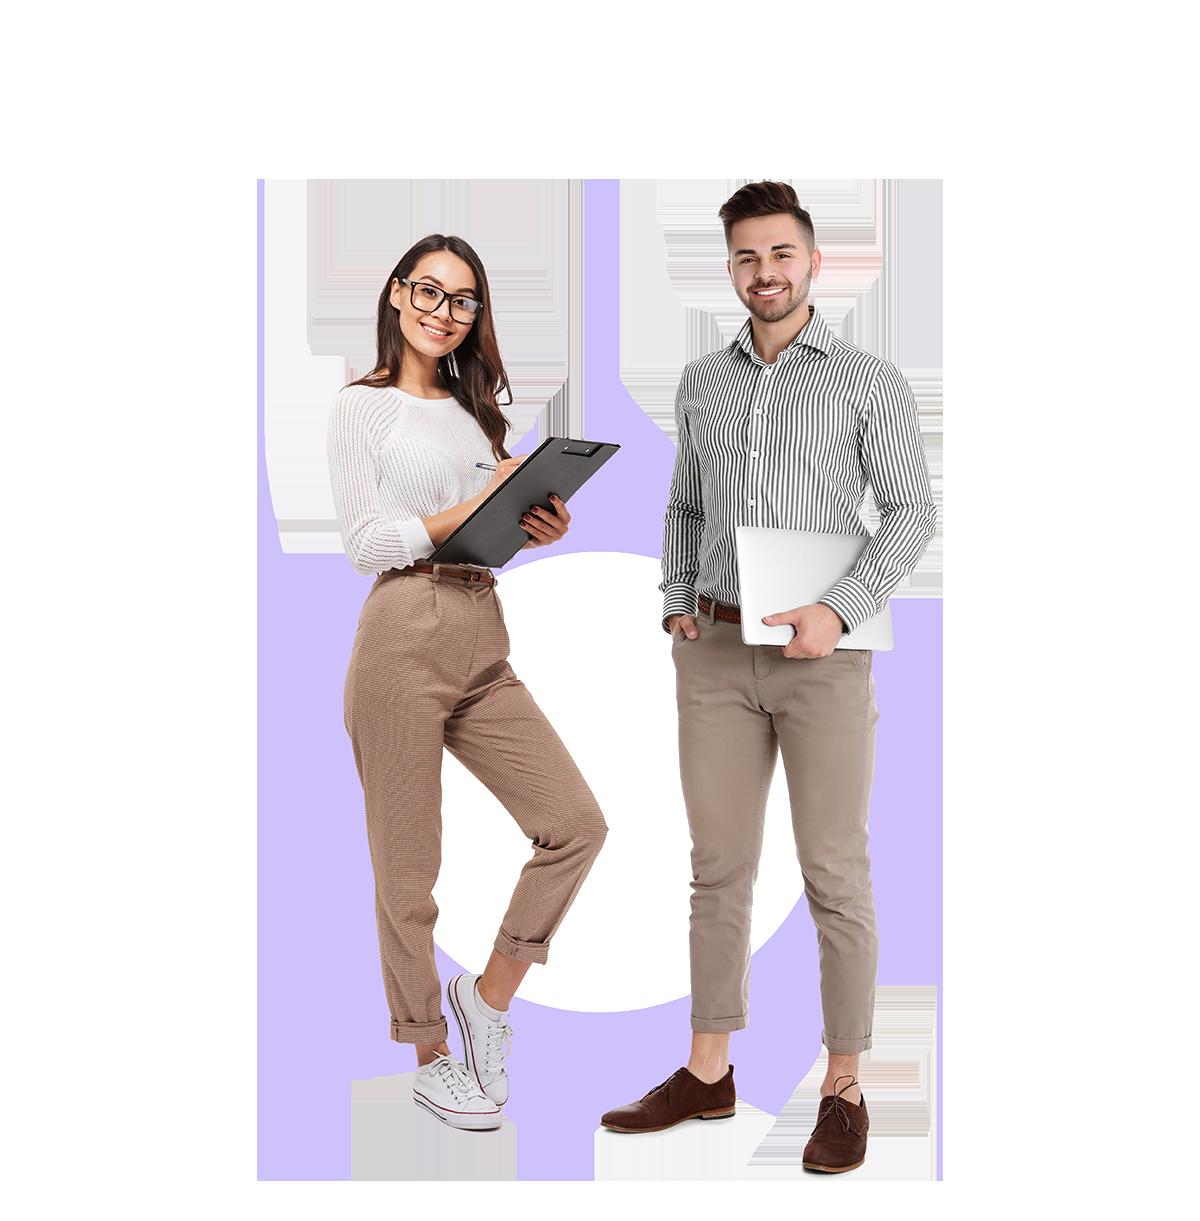 Un homme et une femme devant un cercle violet orthographiq